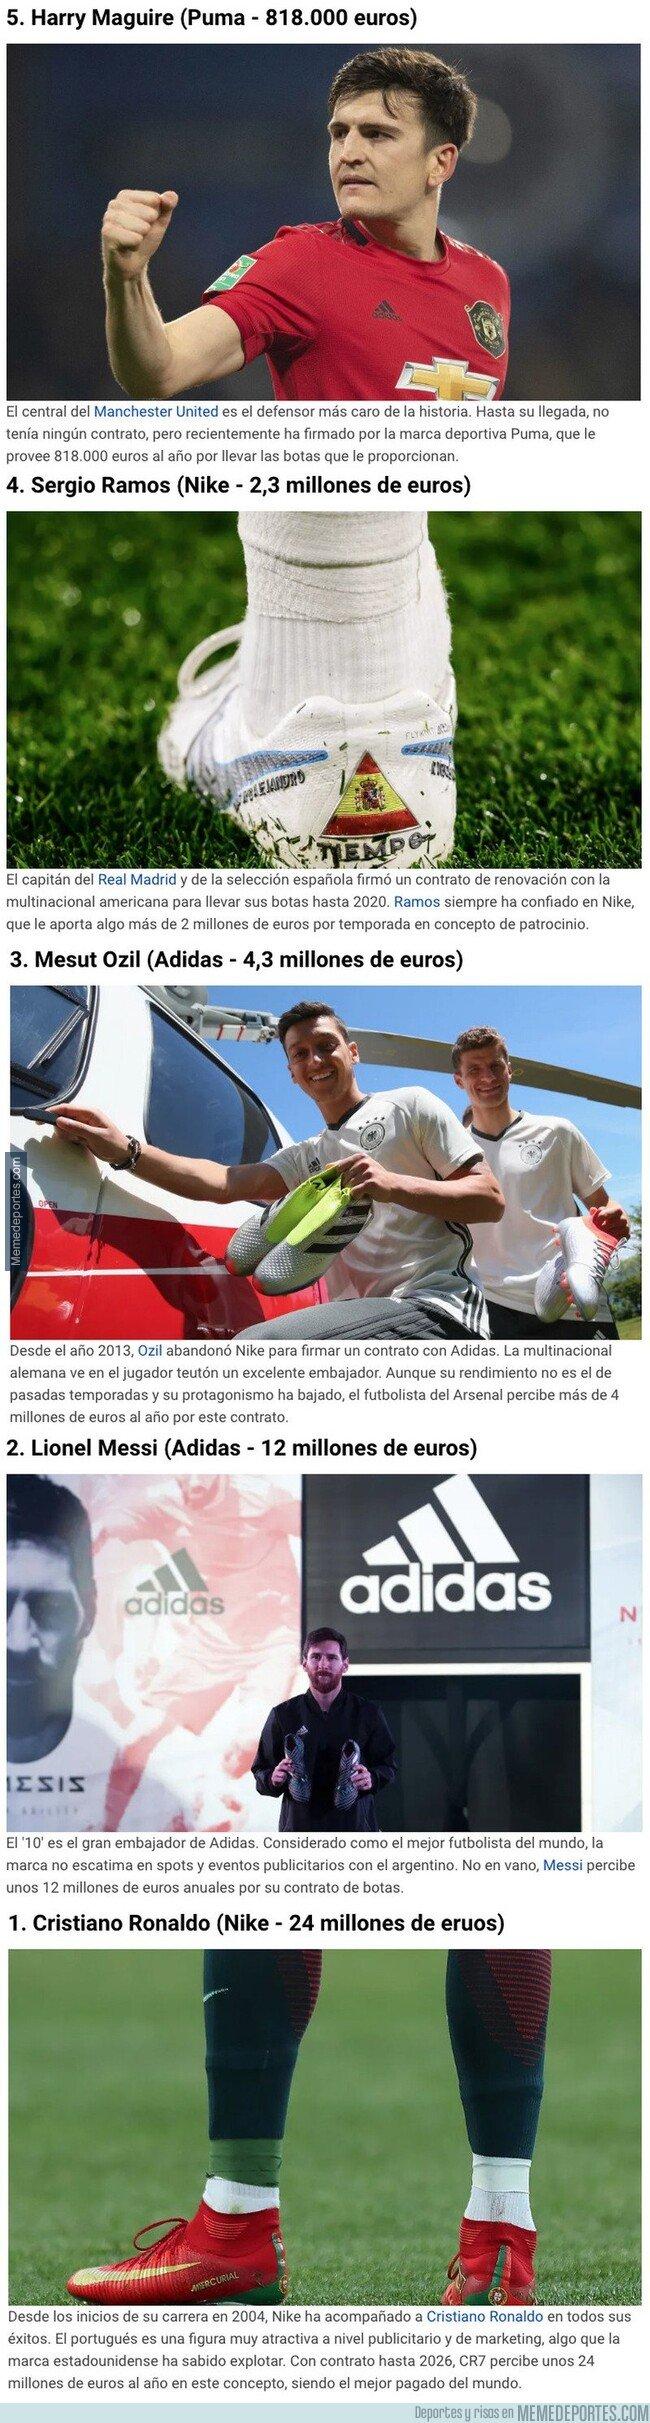 1091072 - Los futbolistas que más dinero ganan por el patrocinio de sus botas